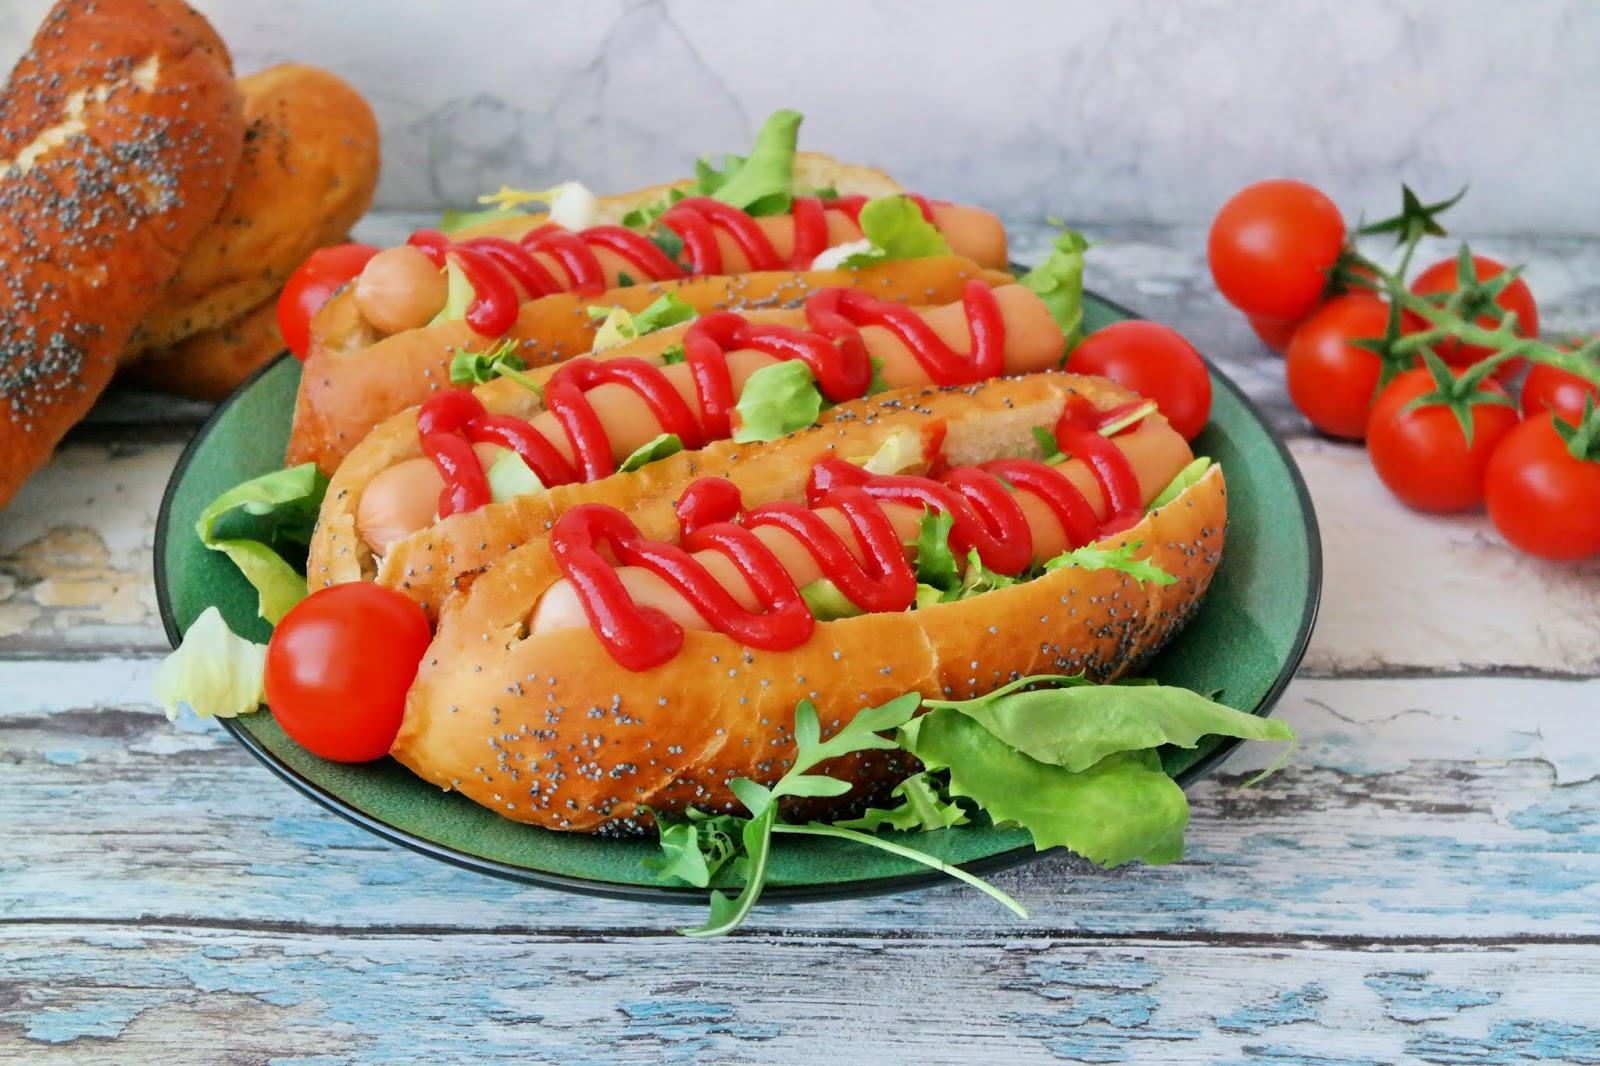 jak zrobić bułki do hot dogów francuskich